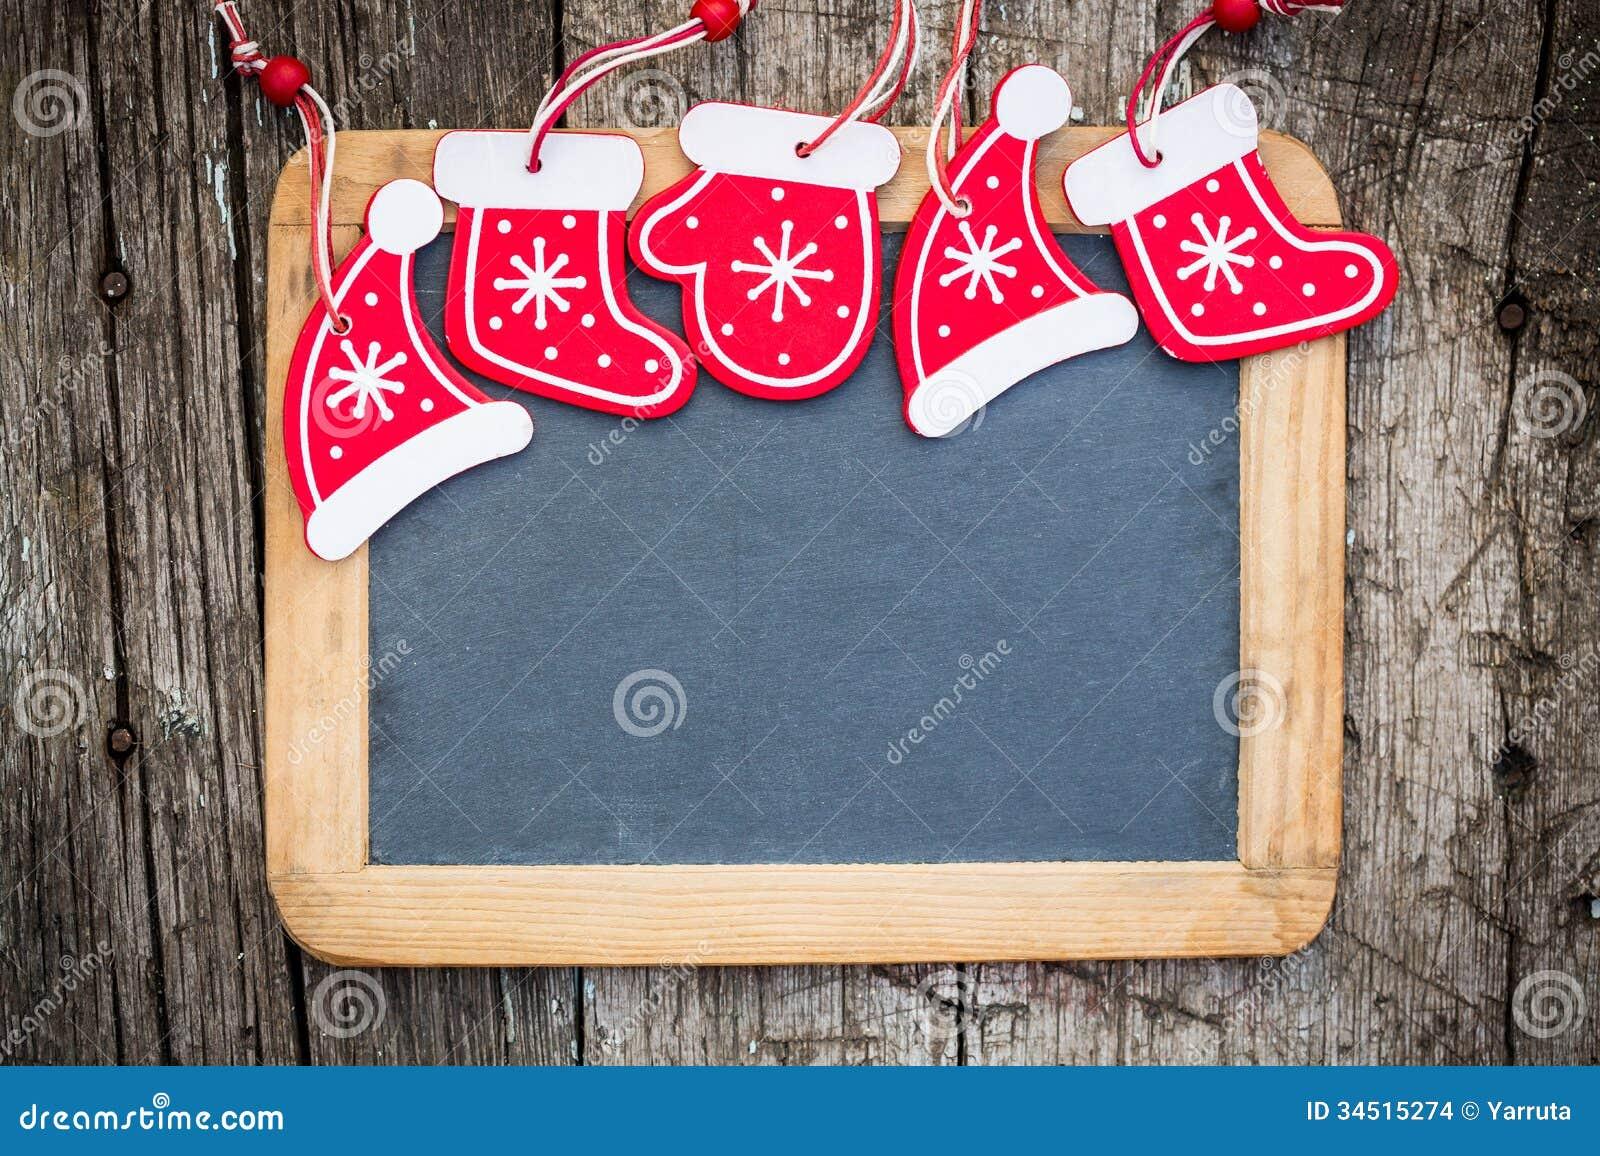 Σύνορα διακοσμήσεων χριστουγεννιάτικων δέντρων στον εκλεκτής ποιότητας ξύλινο πίνακα